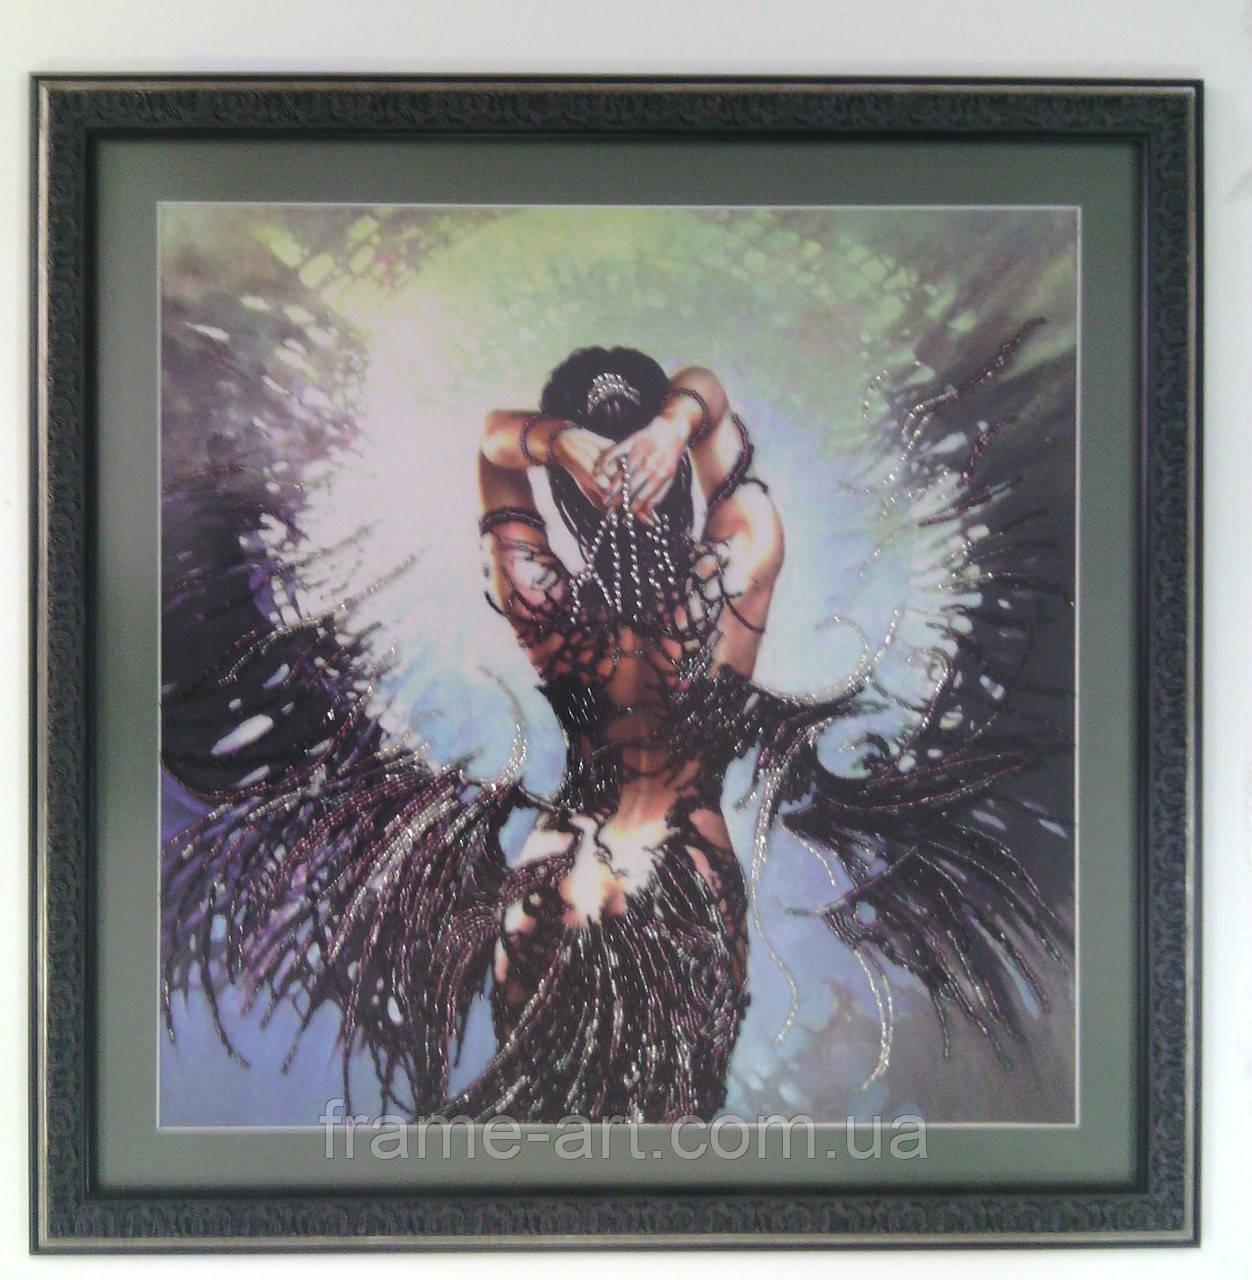 Картина Девушка с крильями 57*57см